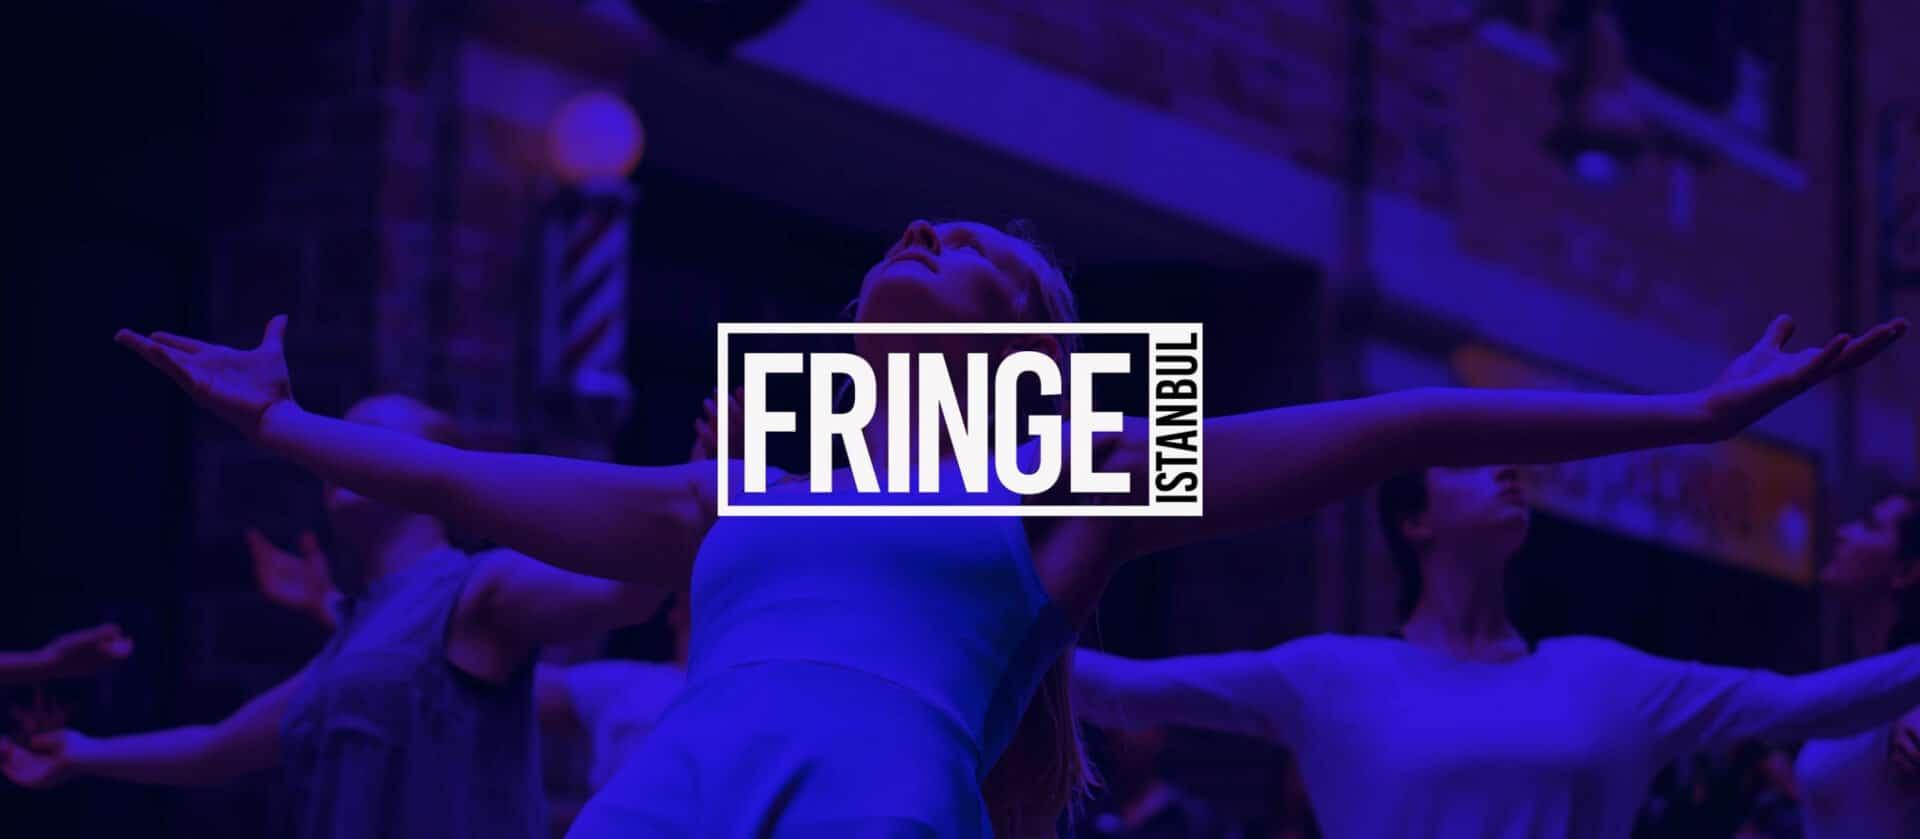 Fringe-istanbul